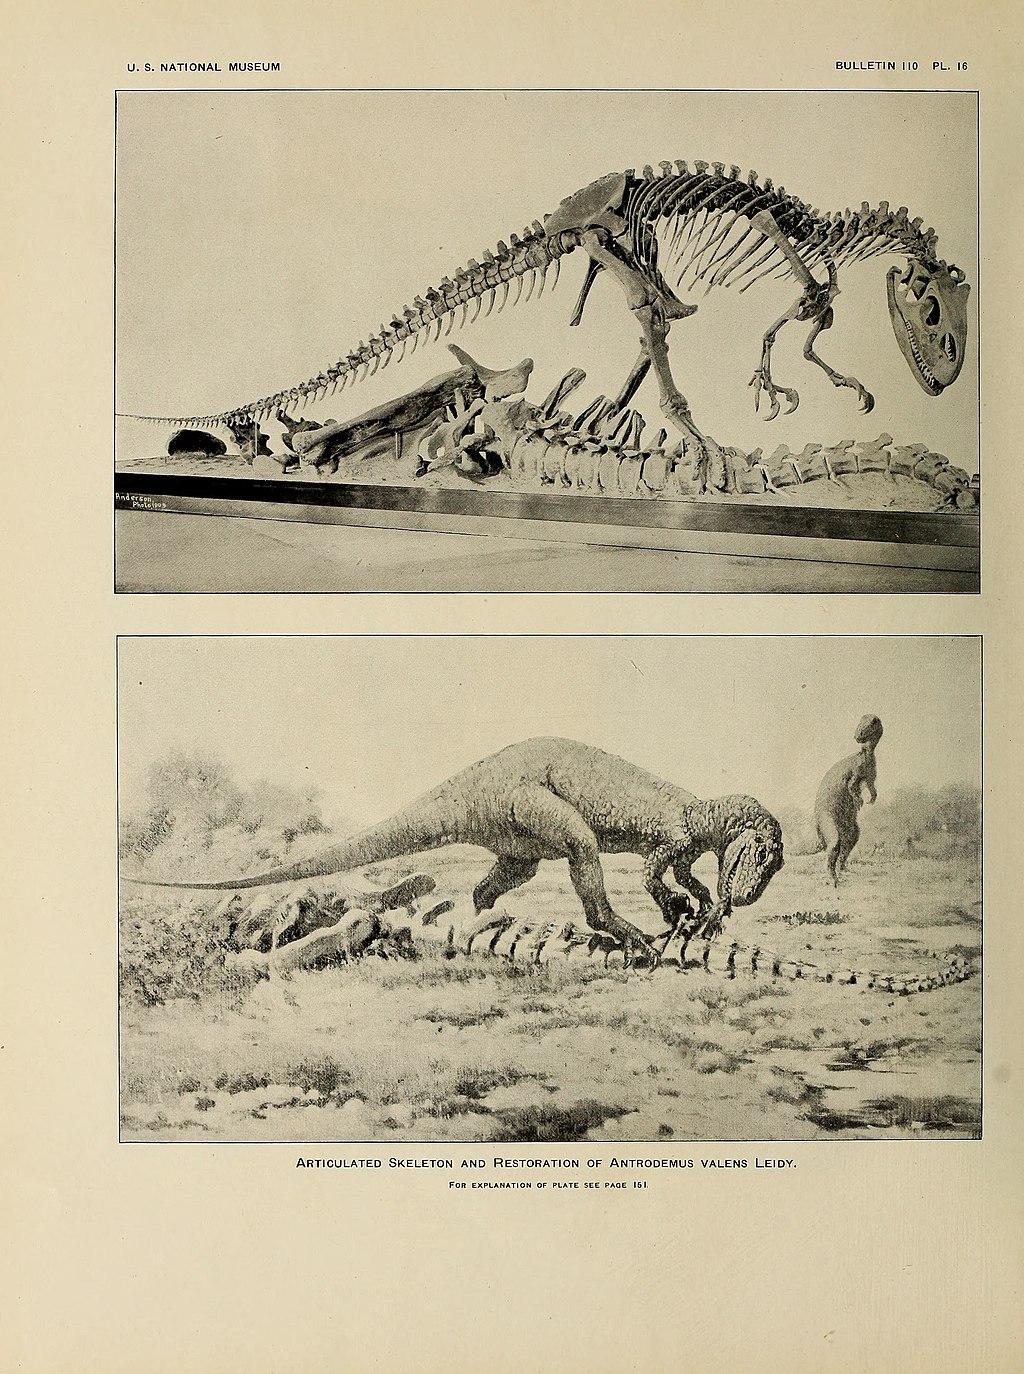 Dnes již silně zastaralá obrazová rekonstrukce vzezření alosaura, vytvořená umělcem Charlesem R. Knightem podle kostry vystavené v expozici Národního muzea přírodní historie ve Washingtonu, D. C. V jedné věci se autoři expozice nespletli – tito velcí